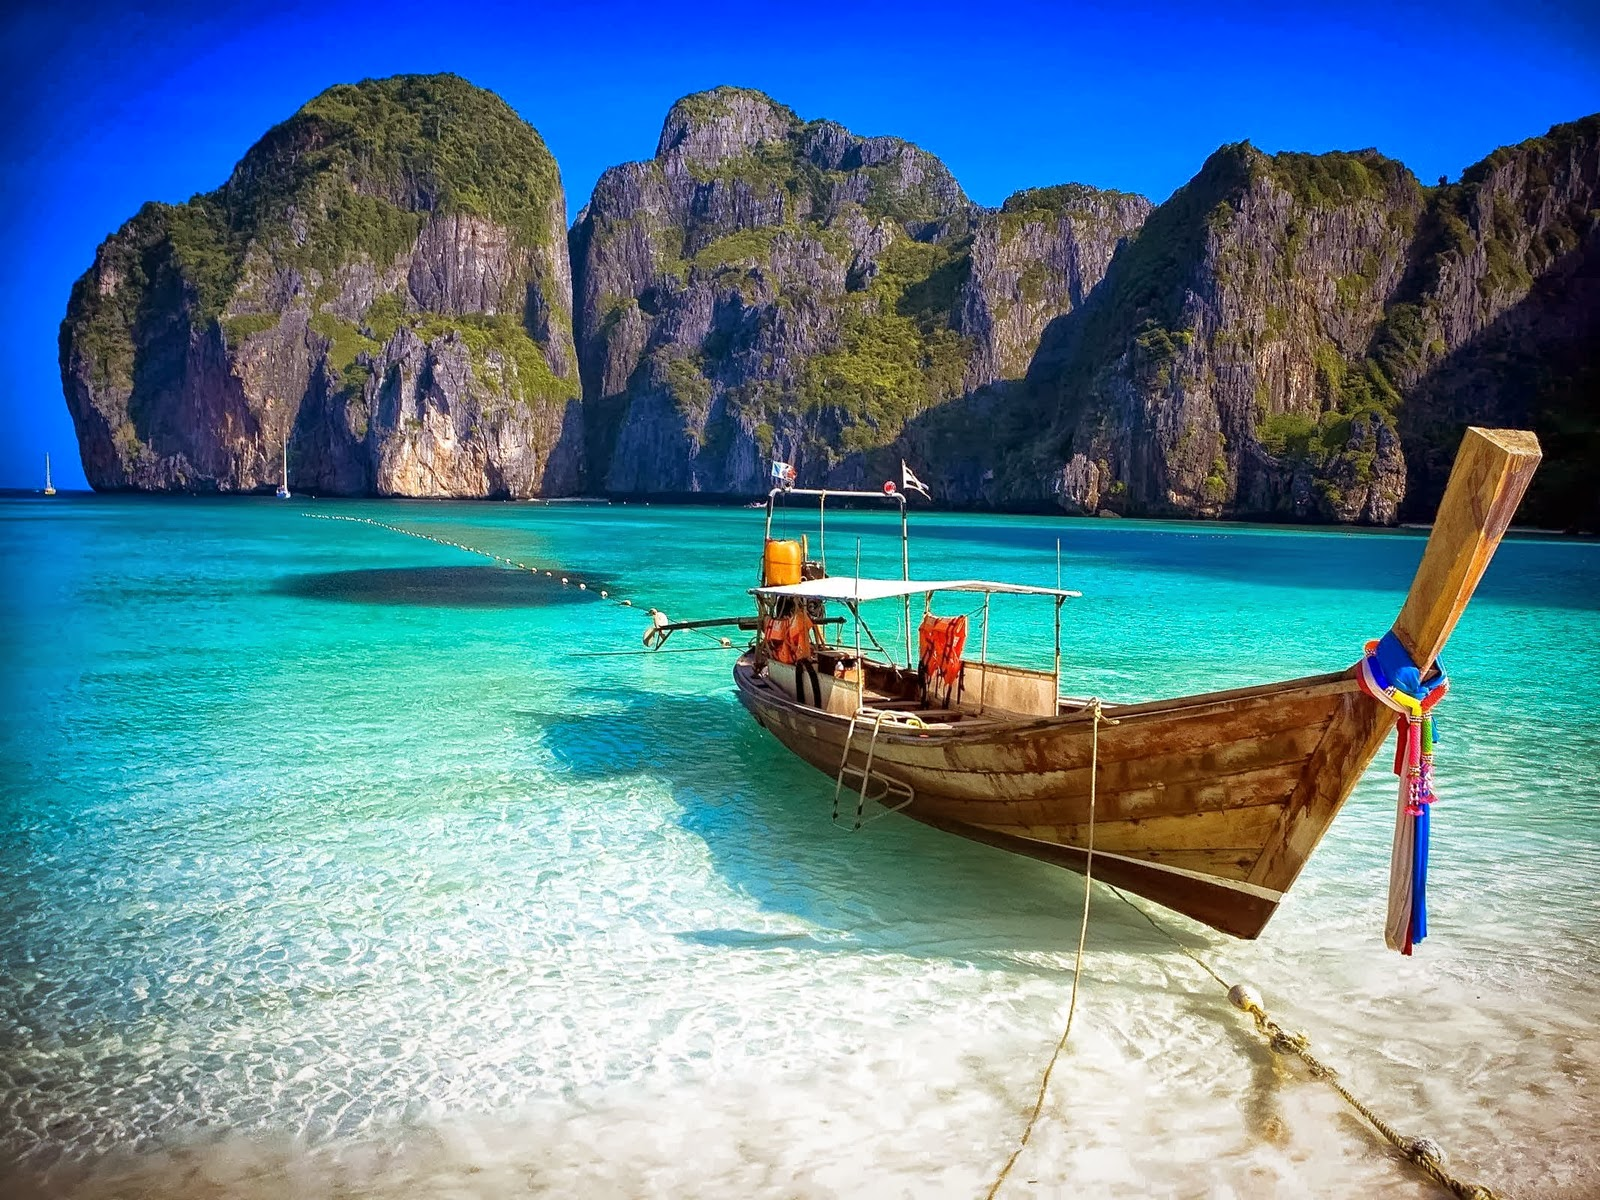 Des idées pour découvrir thailande sur mesure